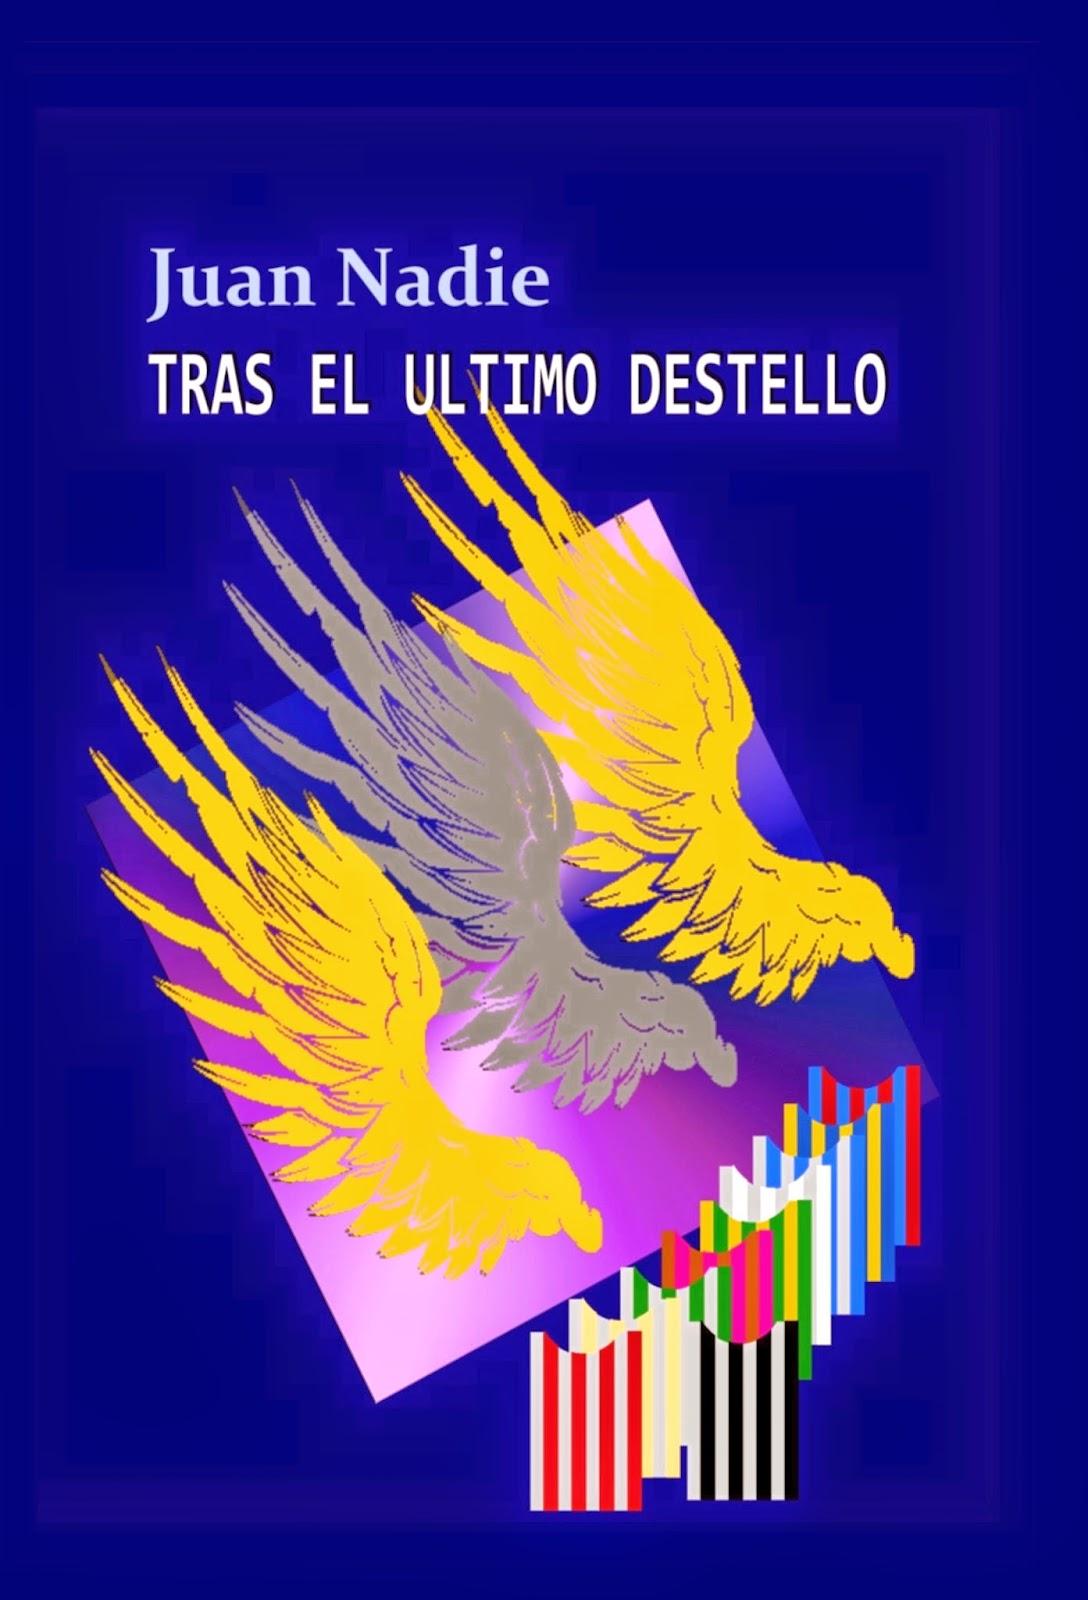 http://relatosdejuannadie.blogspot.com.es/2014/06/tras-el-ultimo-destello-donde.html